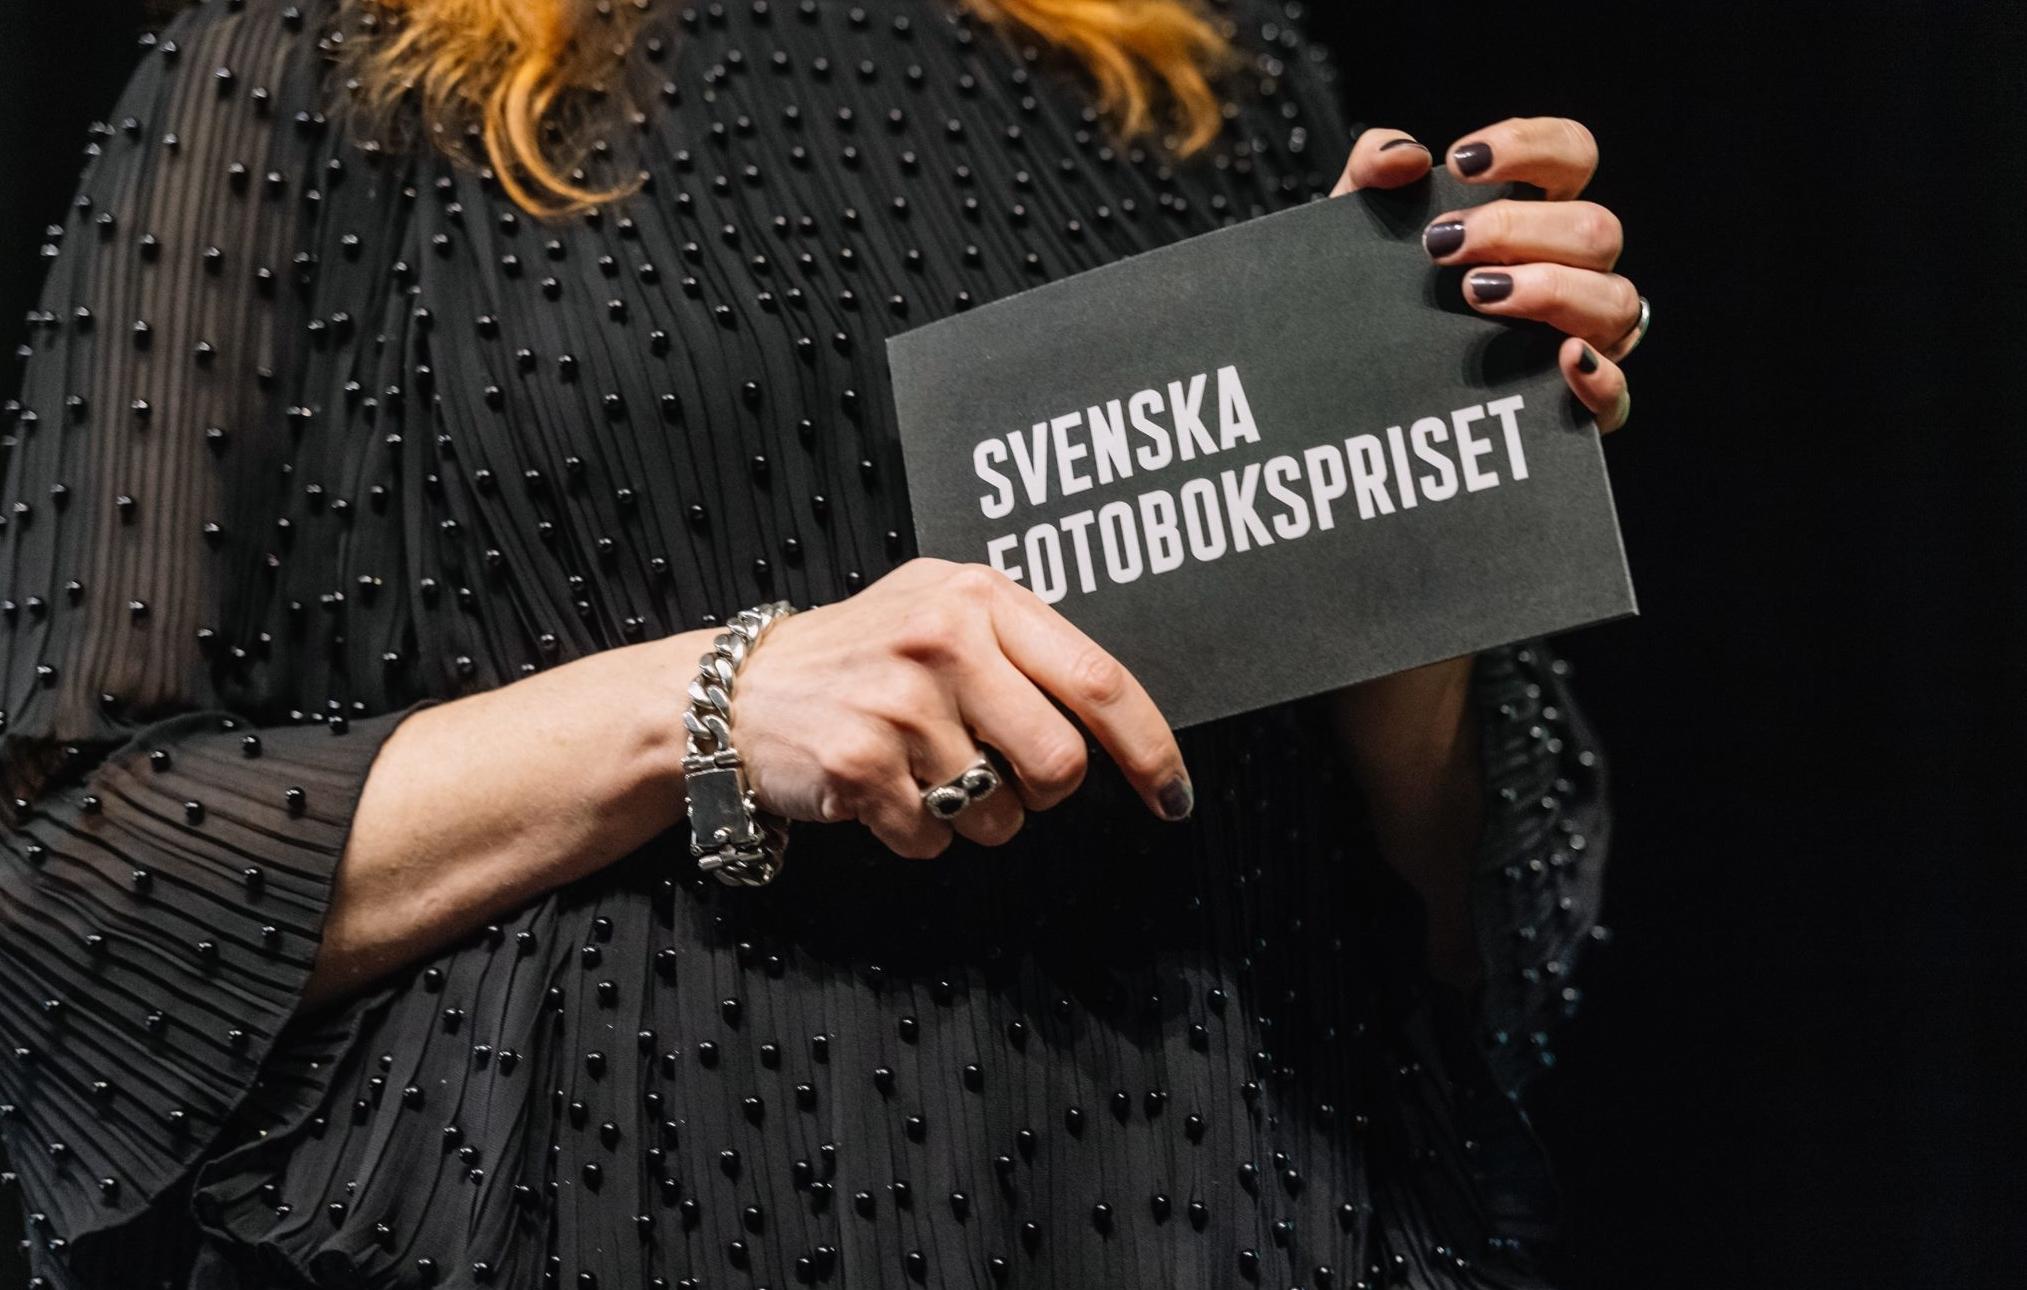 Inlämning till Svenska Fotobokspriset 2020 är öppen